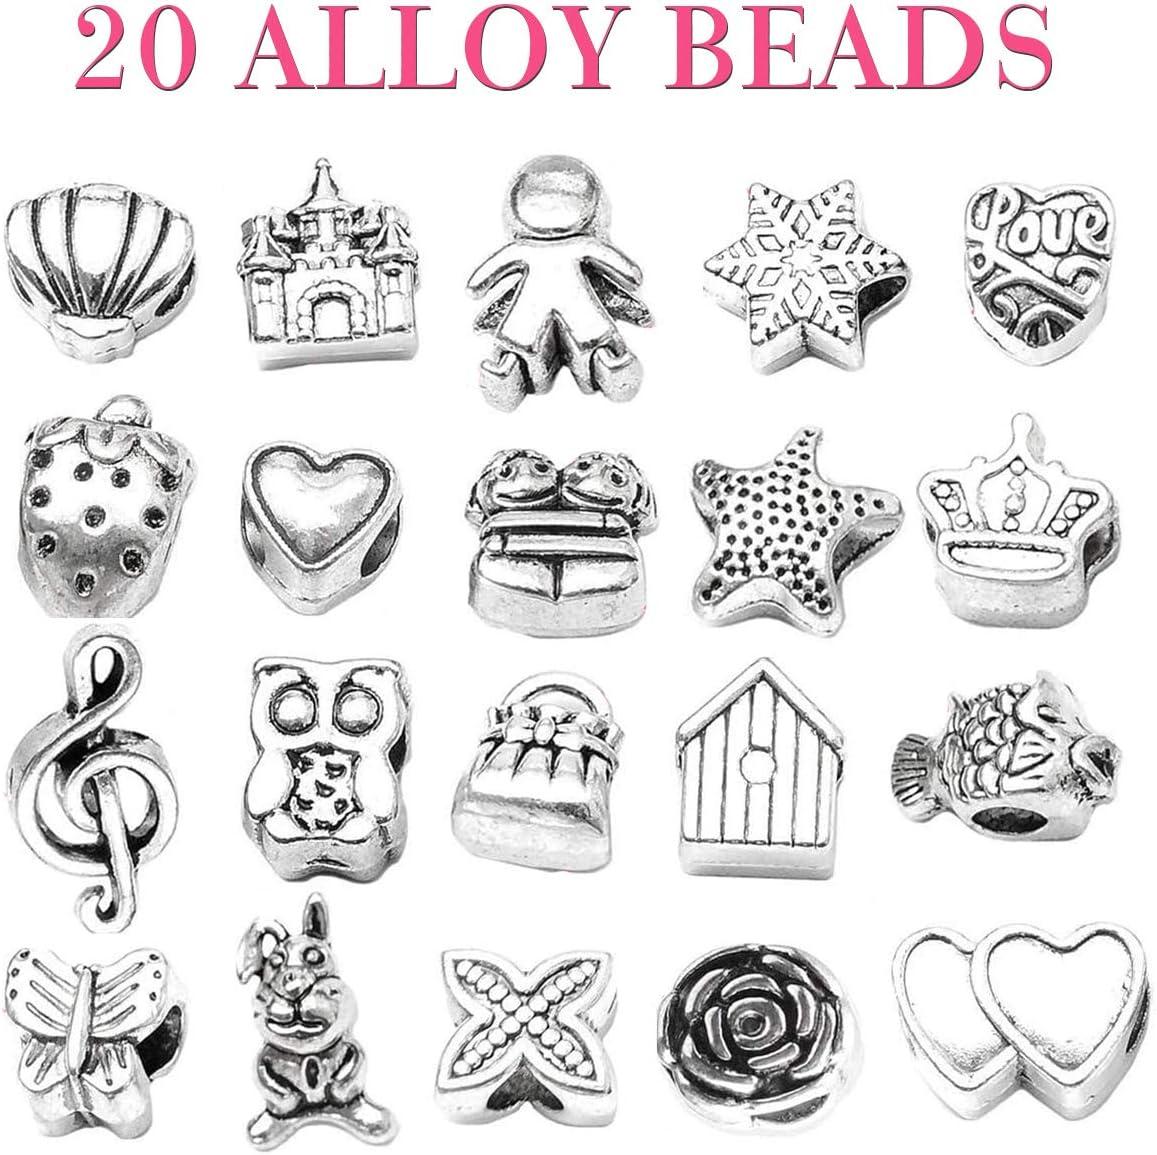 Kit de fabricaci/ón de joyas para ni/ñas Artes y manualidades para ni/ños Regalos de regalo de 6 a 12 a/ños Aivatoba DIY Charm Bracelet Making Sets Manualidades para ni/ños ni/ñas